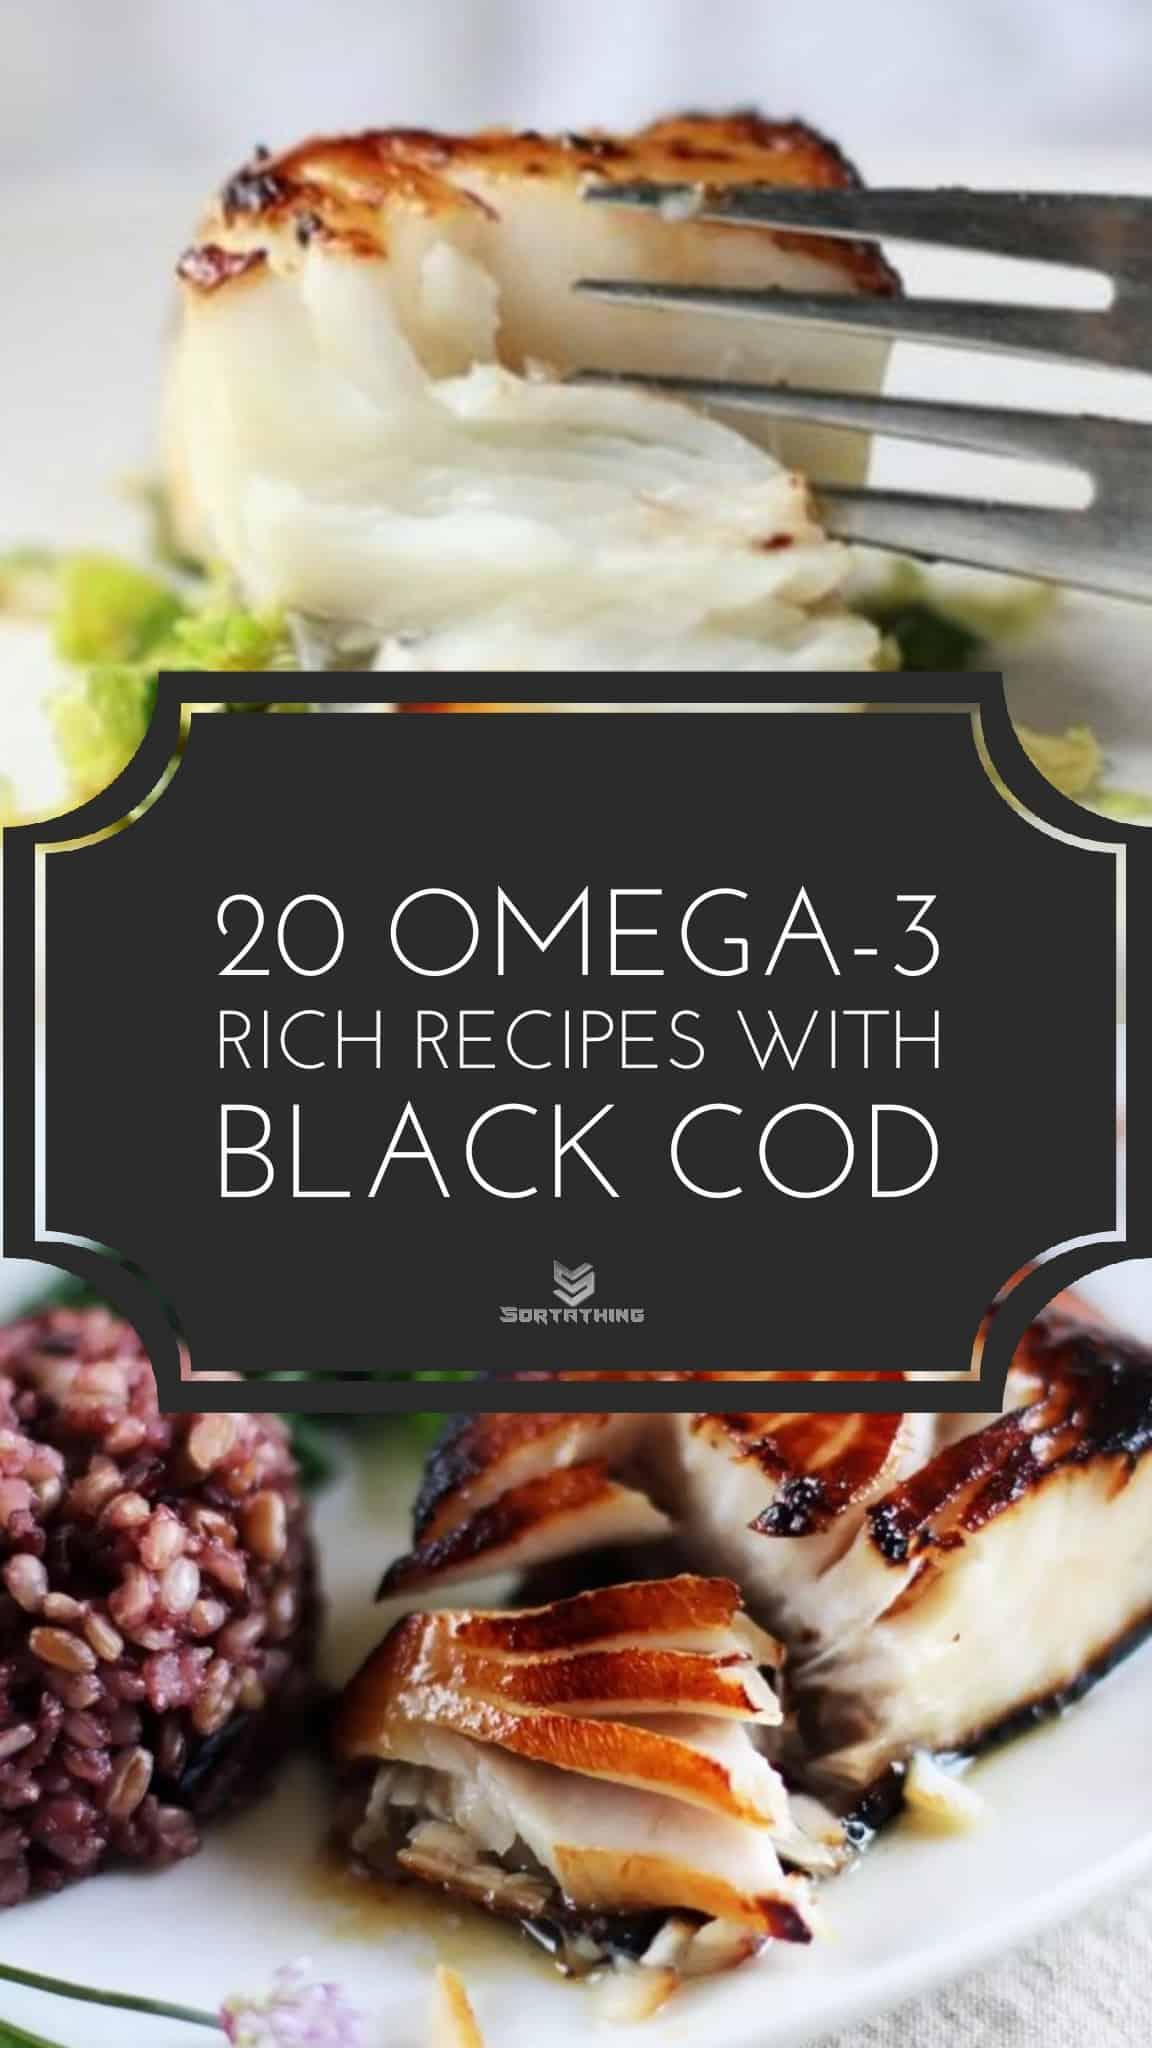 Maple-Miso Glazed Black Cod & Nobu's Miso Marinated Black Cod